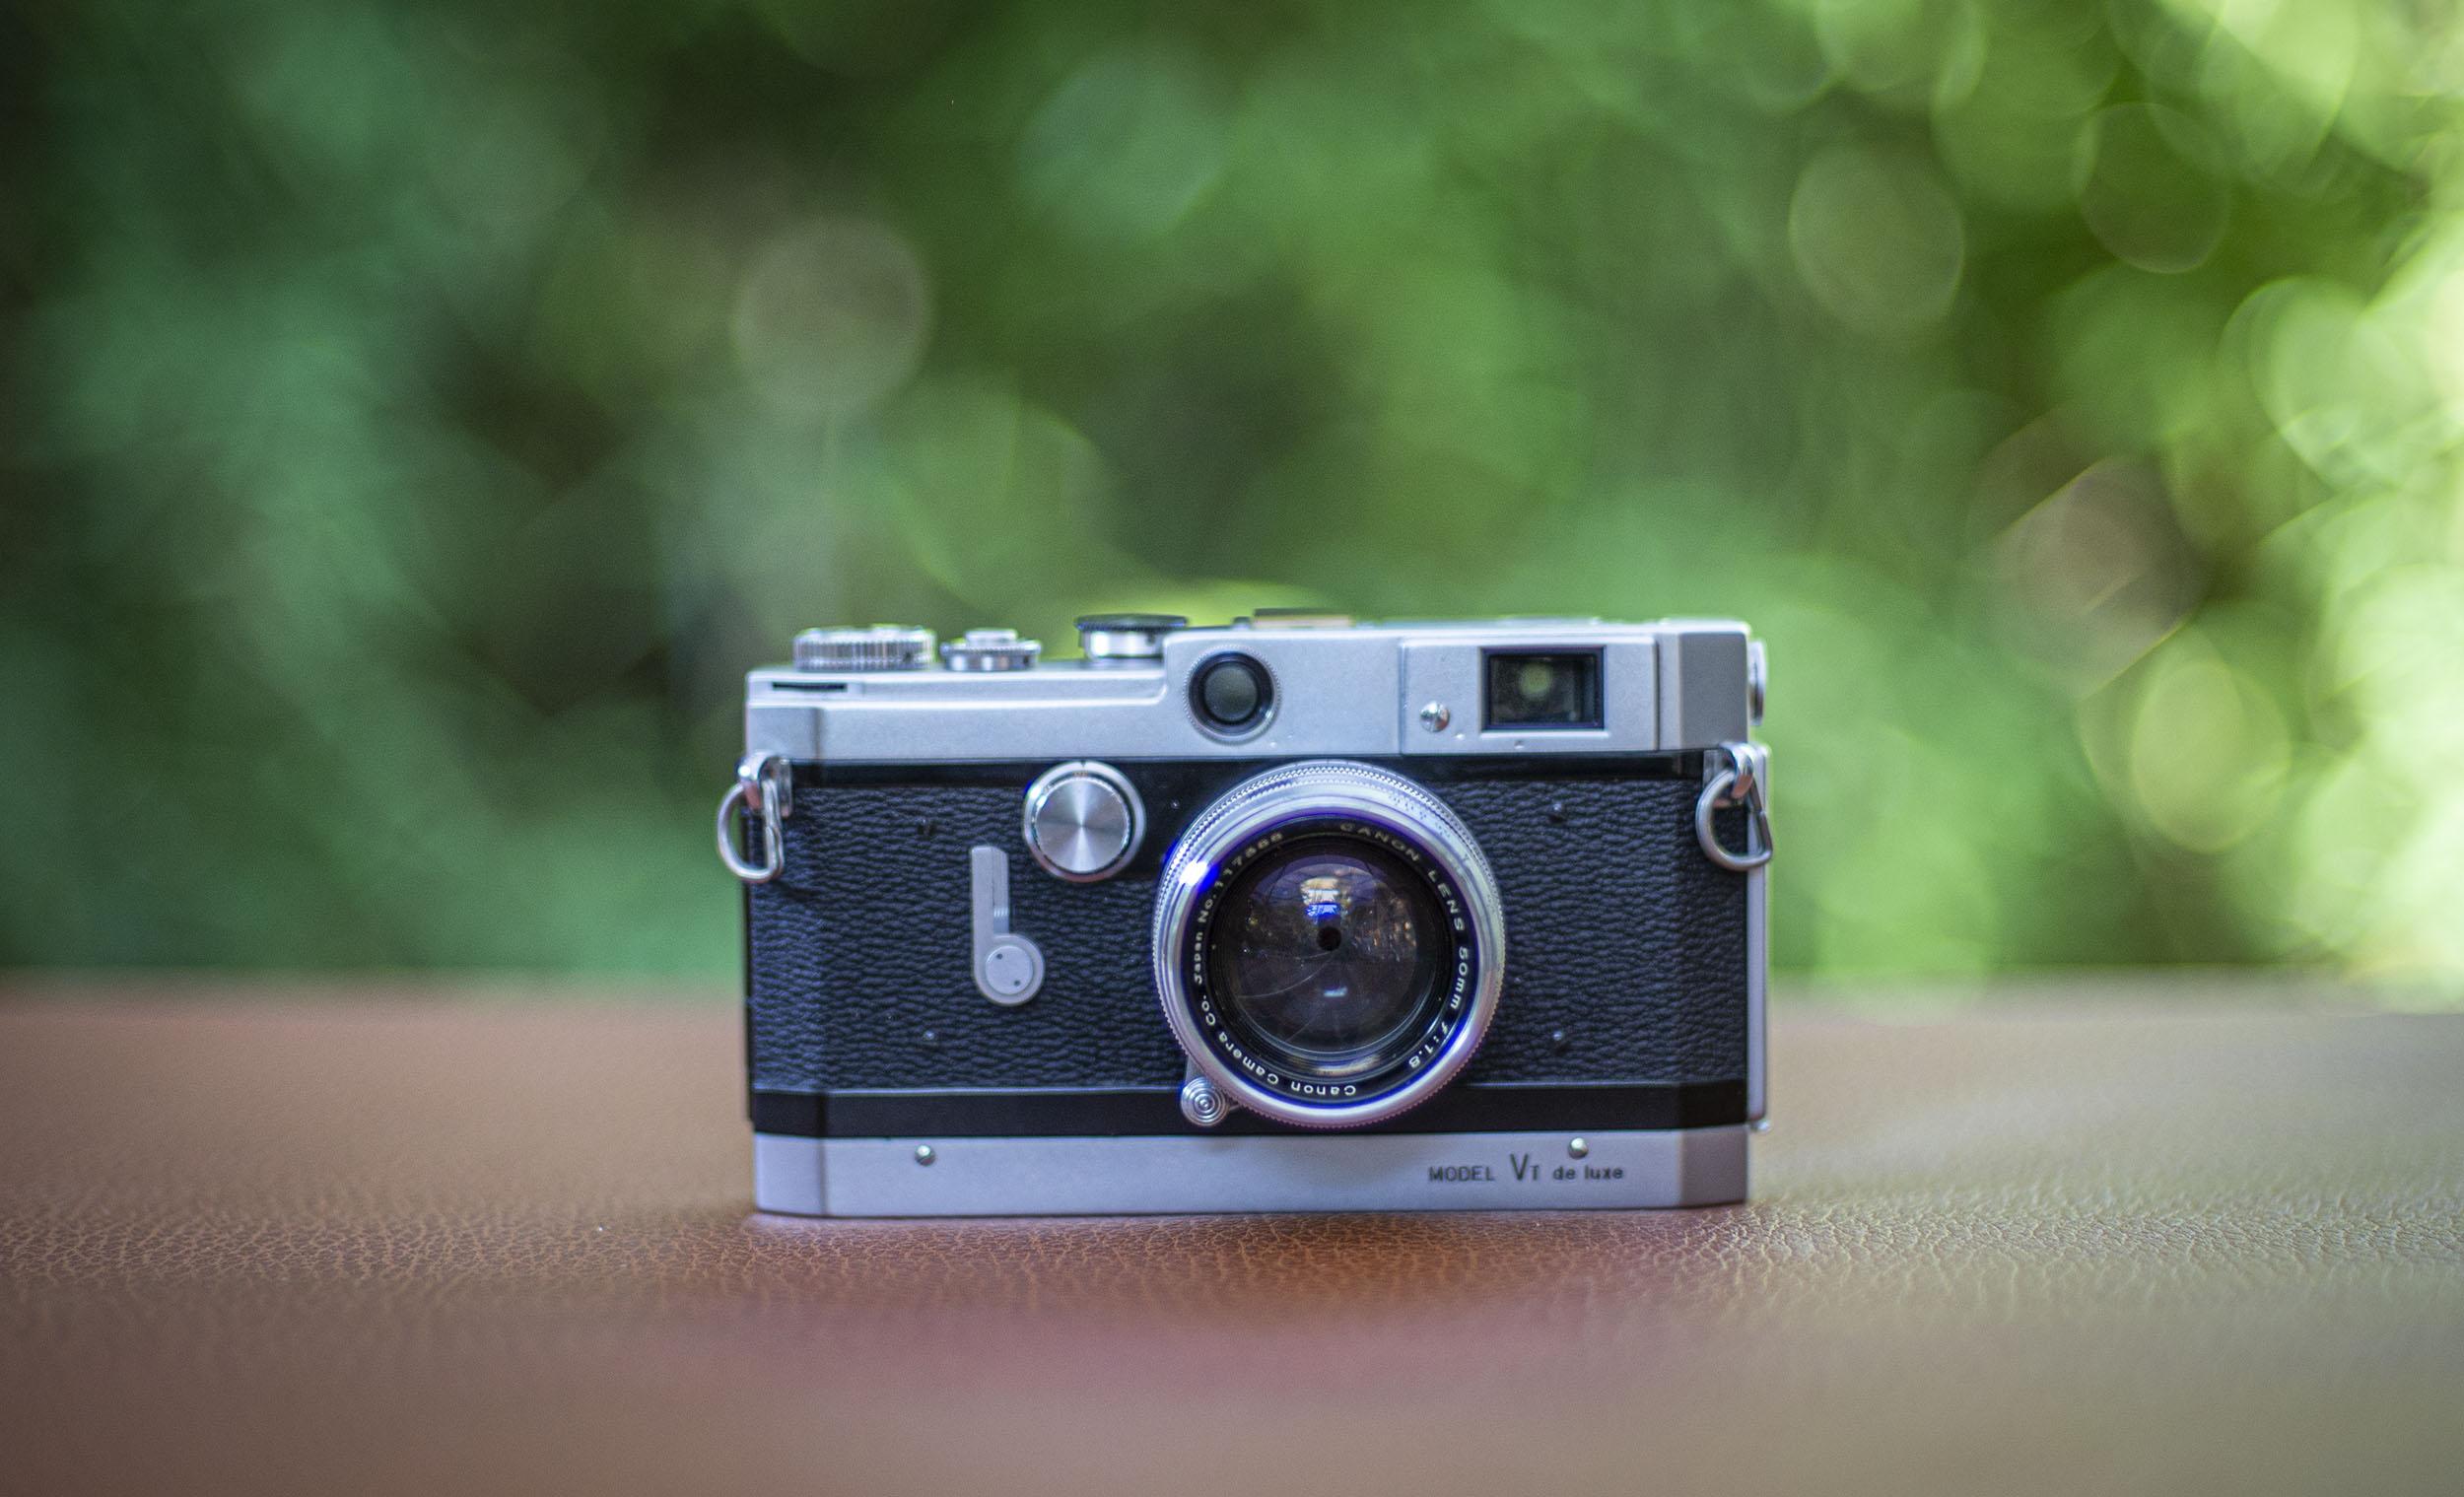 Canon VT de luxe rangefinder